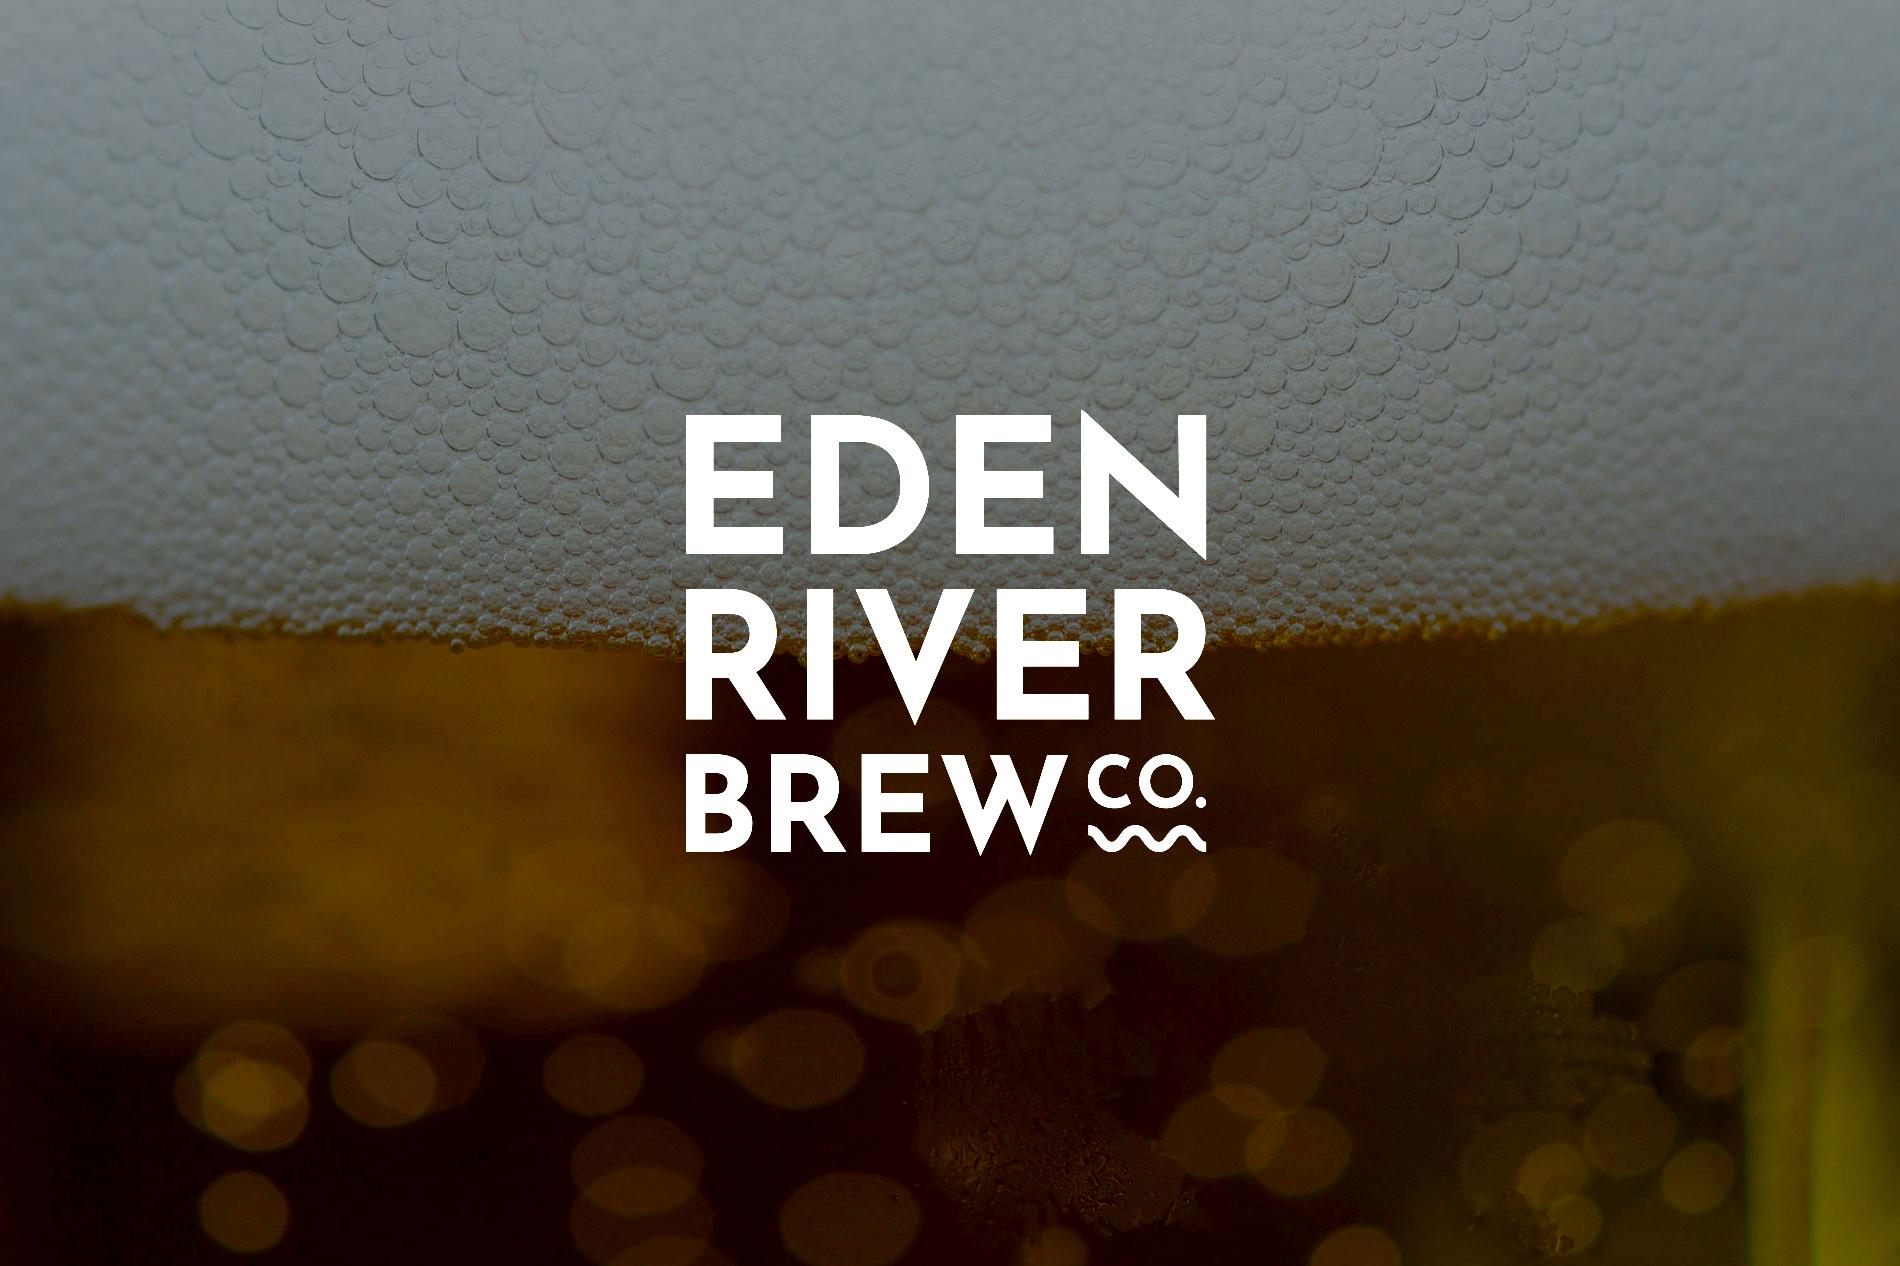 Eden River Brew Company Brand design